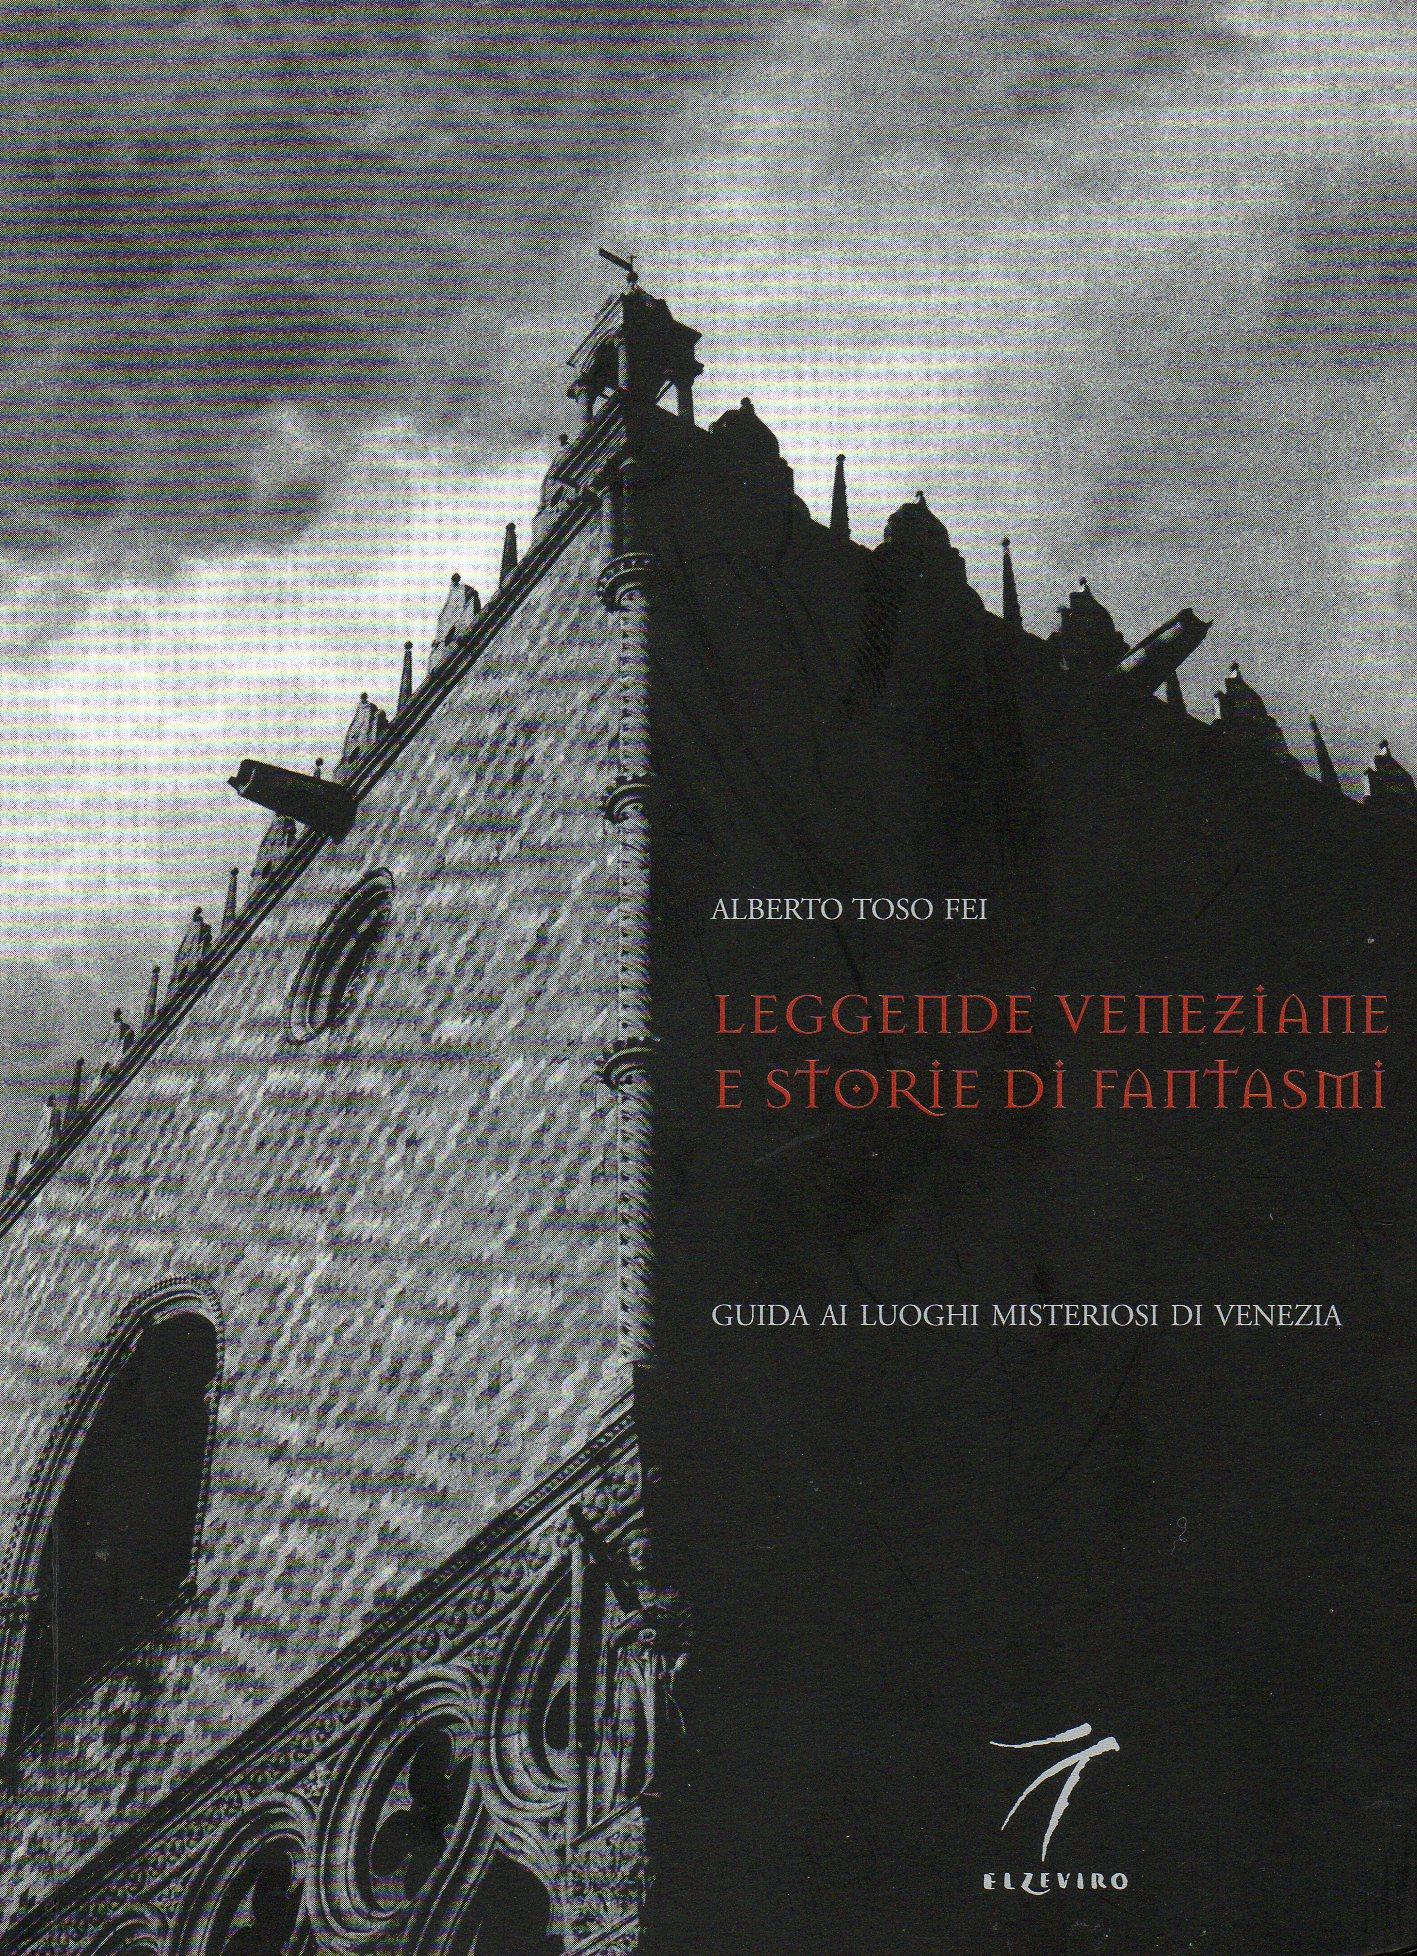 Leggende veneziane e storie di fantasmi